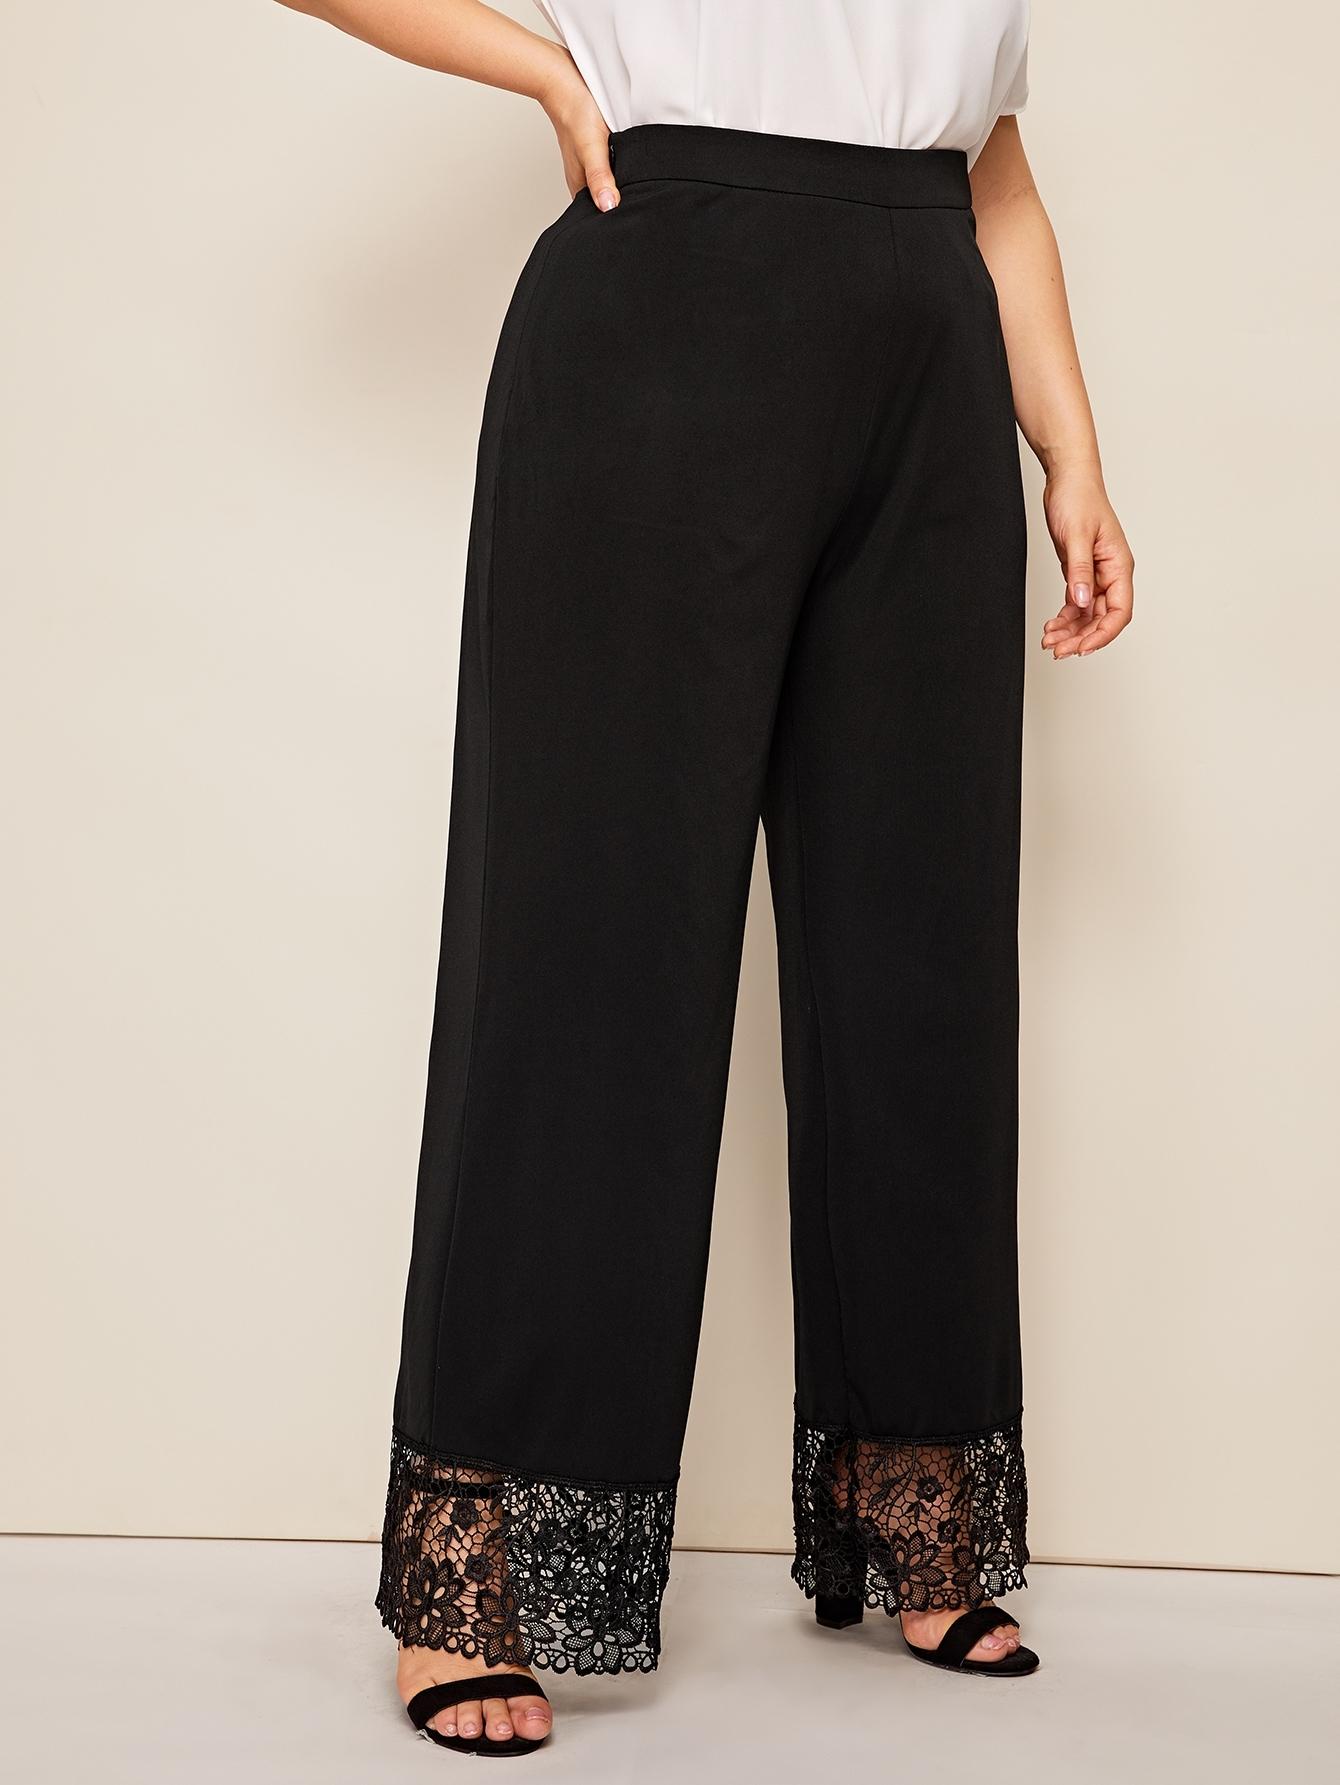 Фото - Широкие брюки размера плюс с кружевным низом от SheIn цвет чёрные